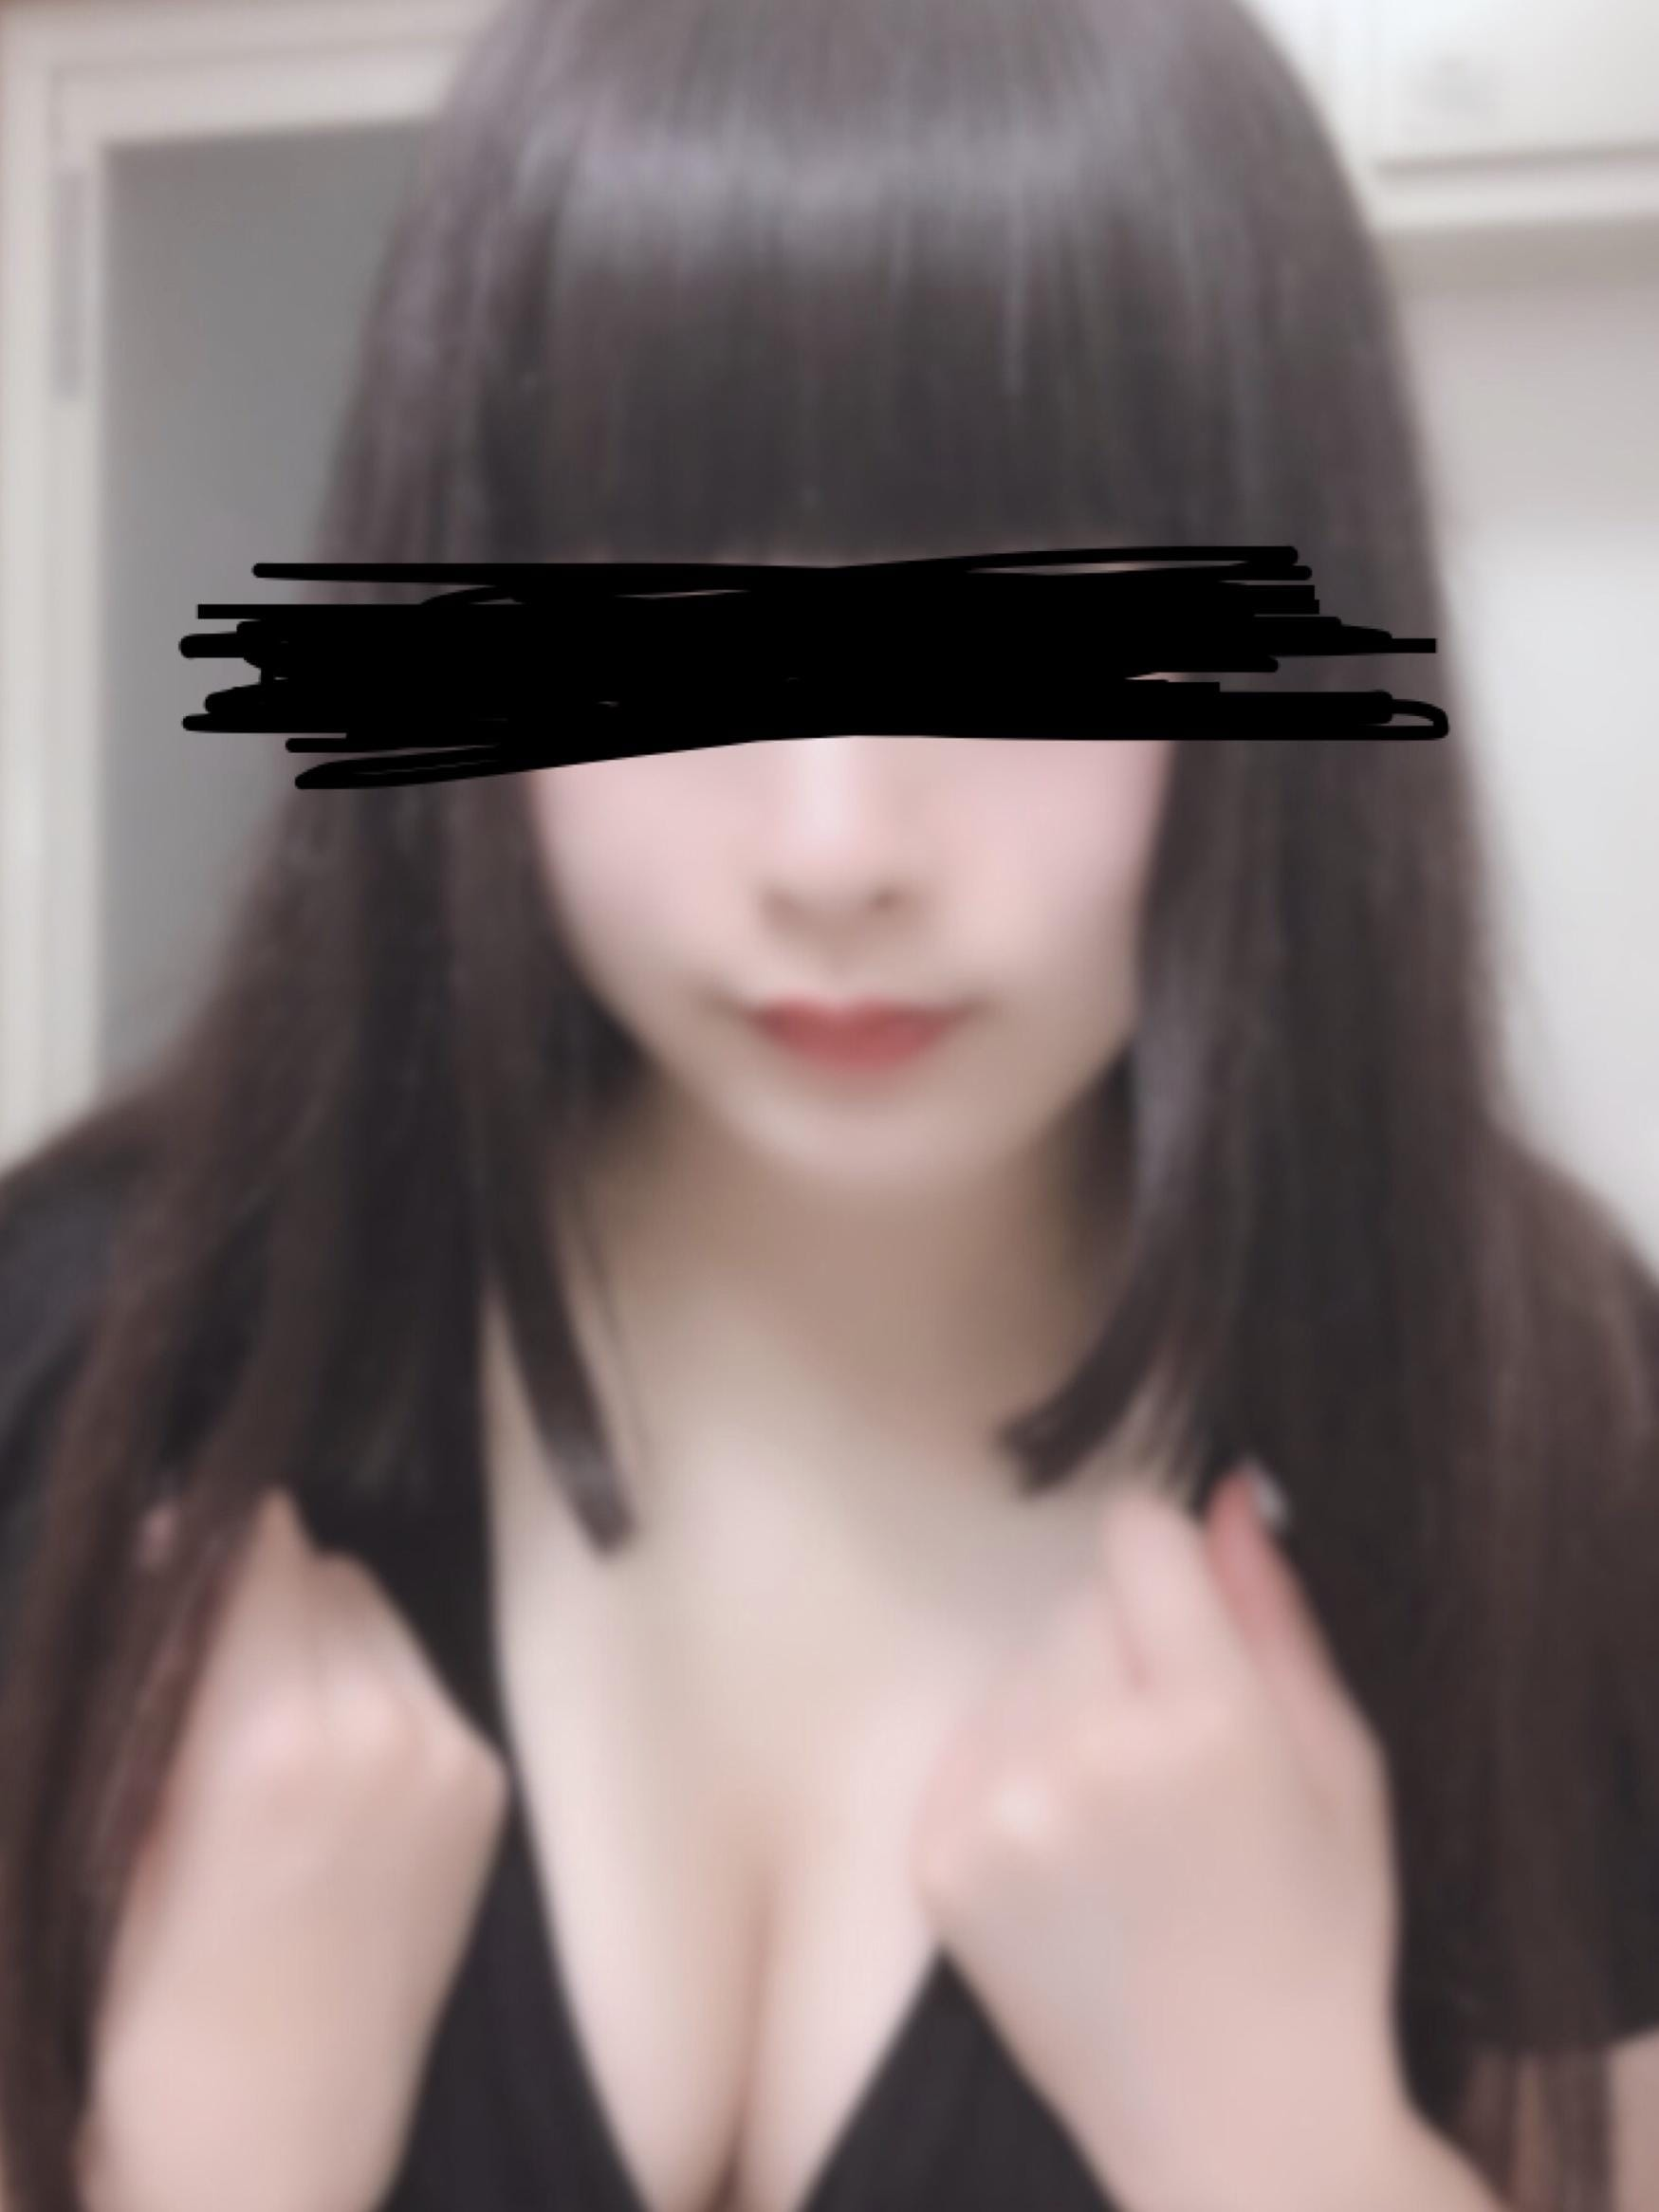 ゆき「はじめまして」07/20(土) 21:17 | ゆきの写メ・風俗動画